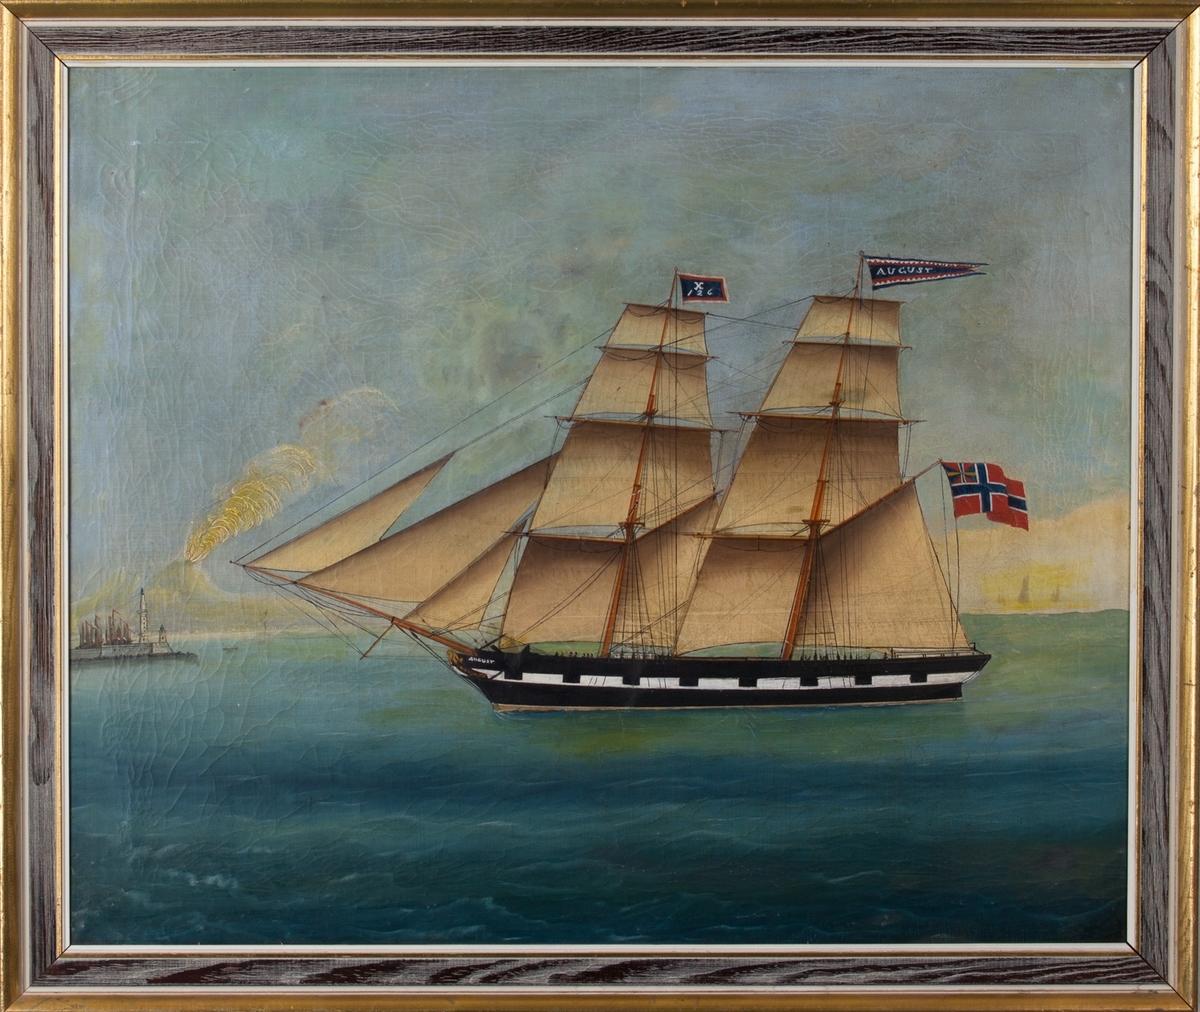 Skipsportrett av briggen AUGUST med full seilføring. Til venstre i bakgrunnen er innseilingen til Napoli med røyk fra vulkanen Vesuv. Skipet har malte kanonporter og fører vimpel med skipets navn og vimpel på fortoppen med kjenningssignal X126.